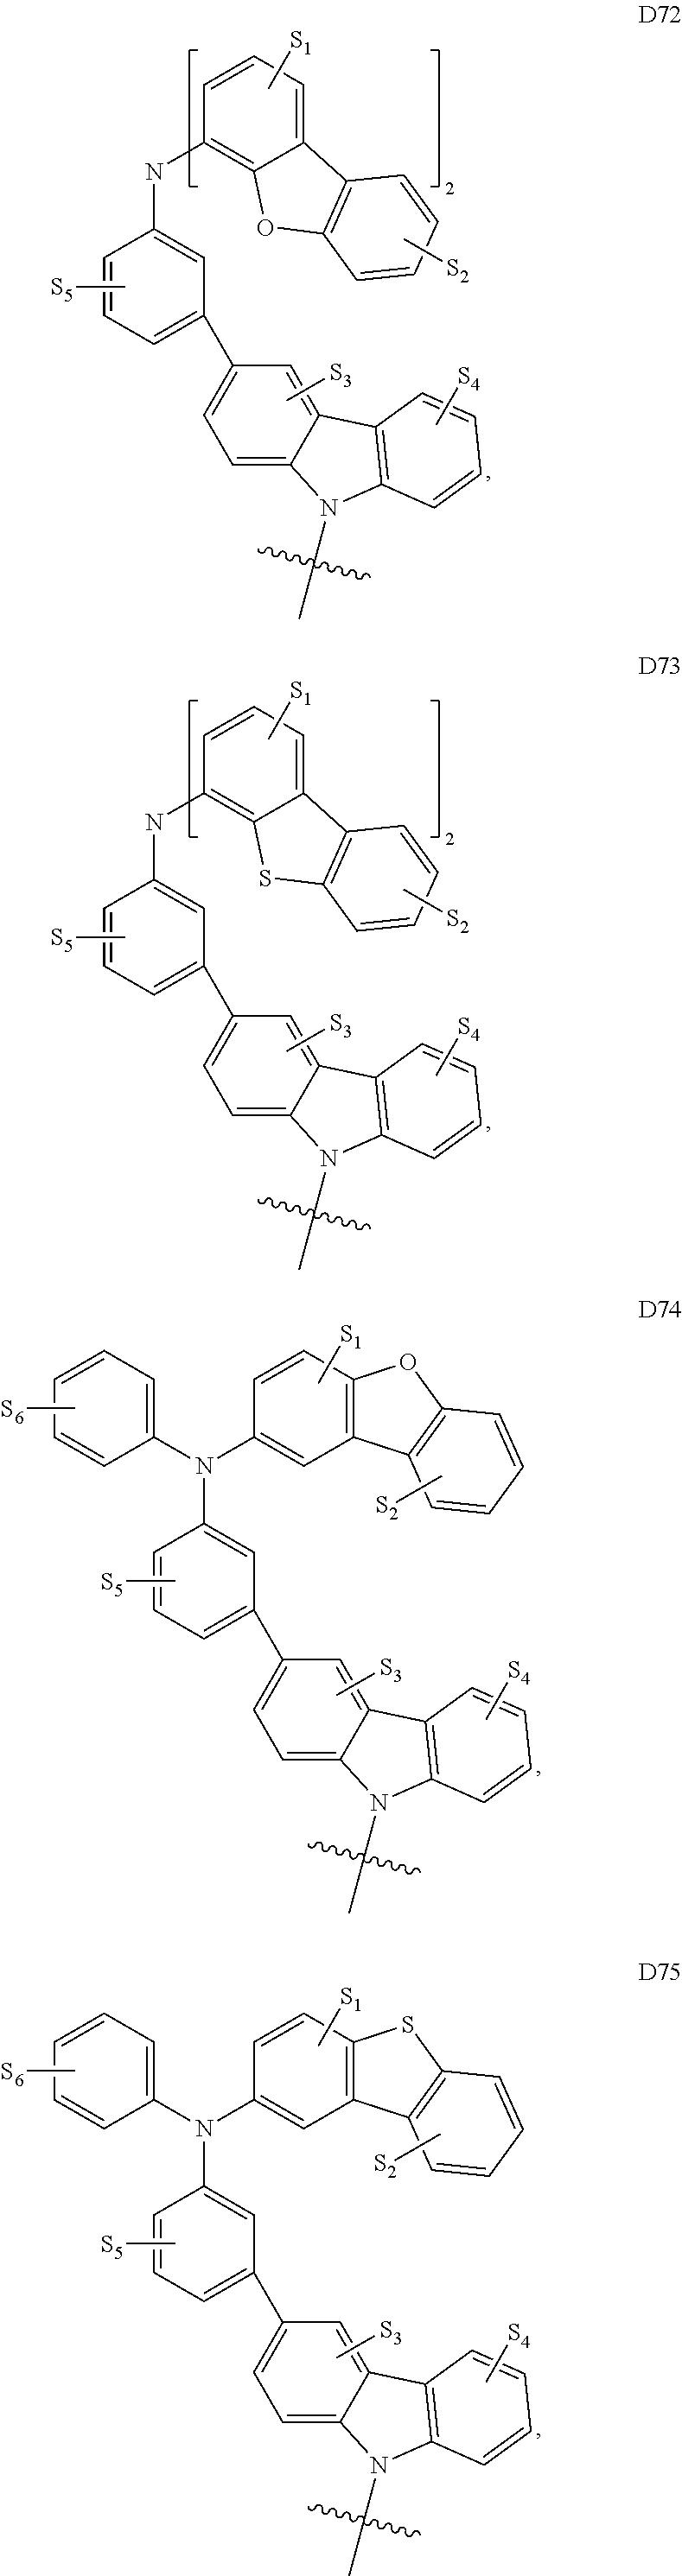 Figure US09324949-20160426-C00401